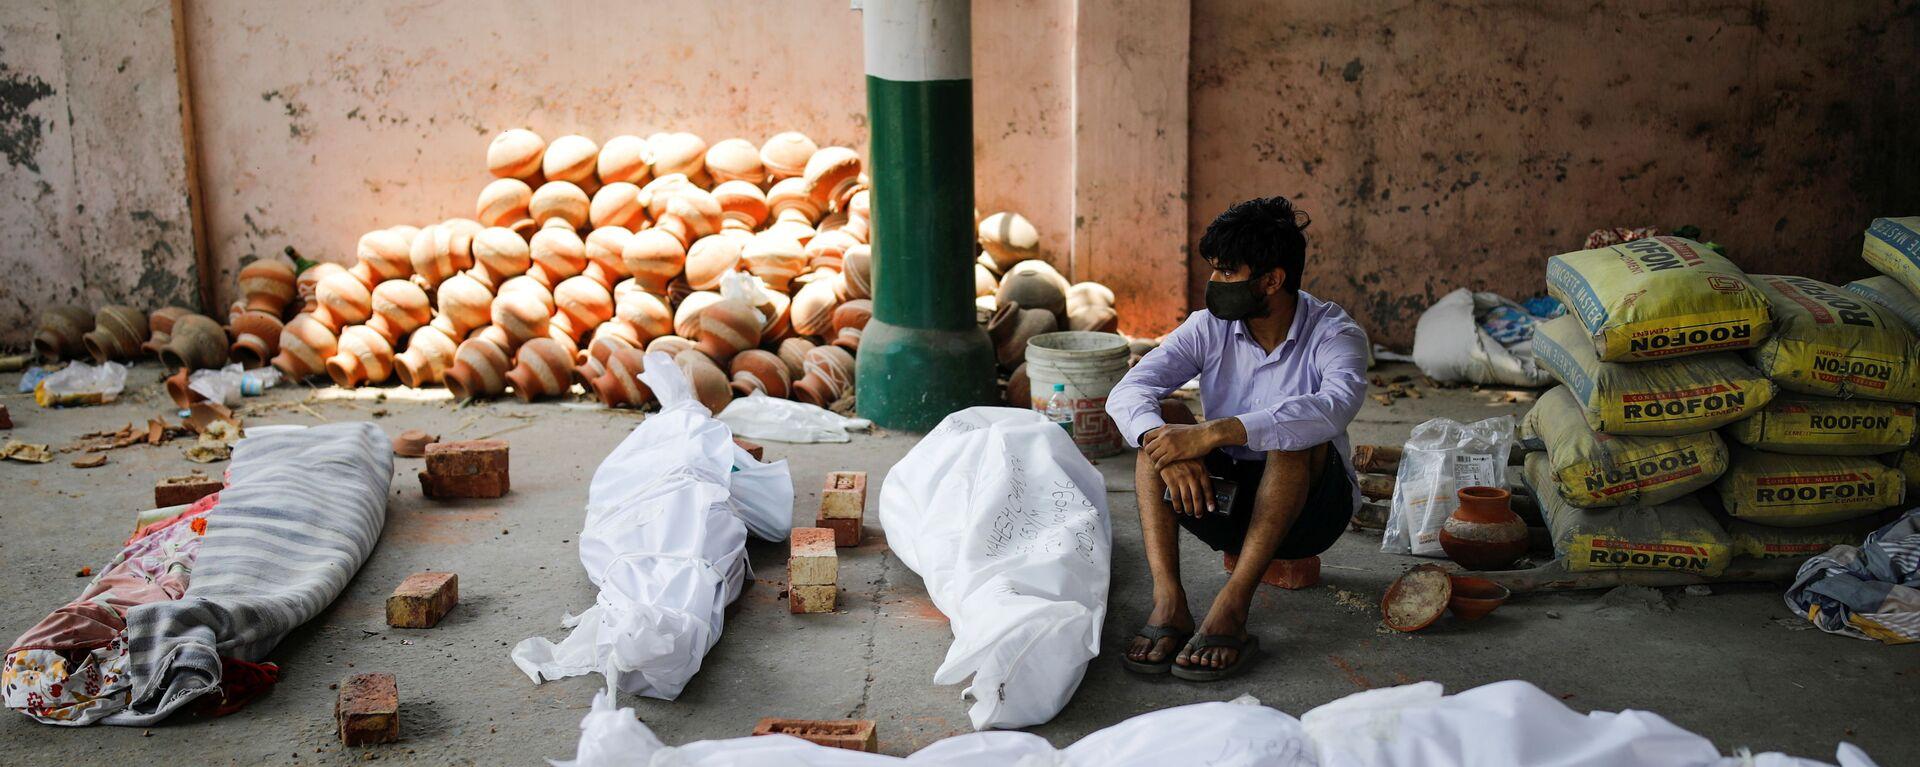 Мужчина сидит рядом с телами умерших от коронавируса перед массовой кремацией в крематории Нью-Дели, Индия - Sputnik Mundo, 1920, 15.05.2021